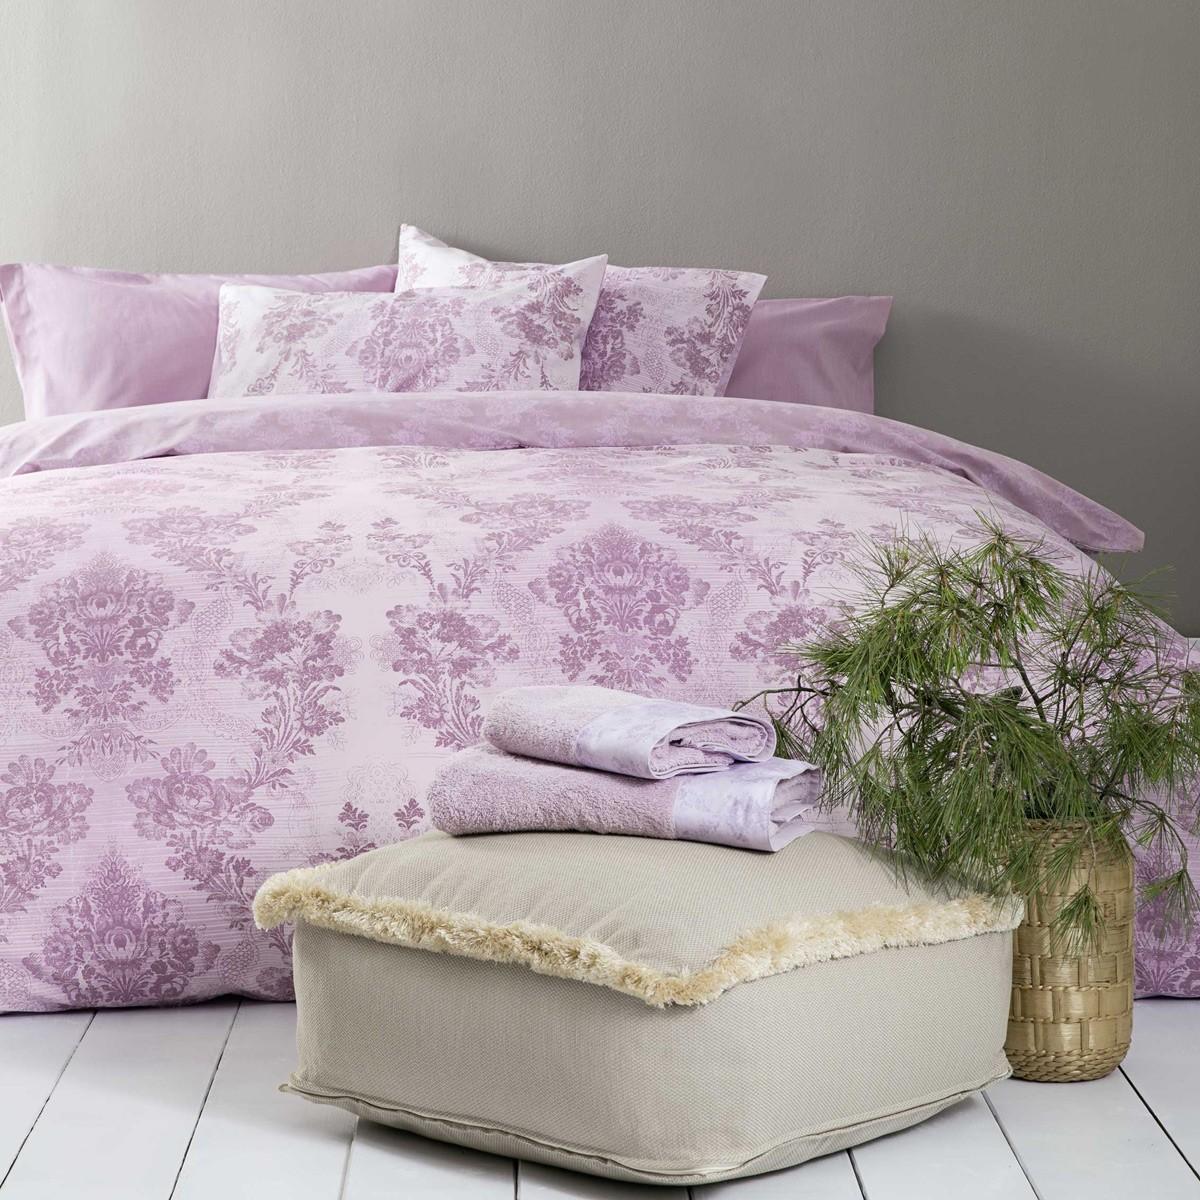 Παπλωματοθήκη Υπέρδιπλη (Σετ) Nima Bed Linen Kiana Pink